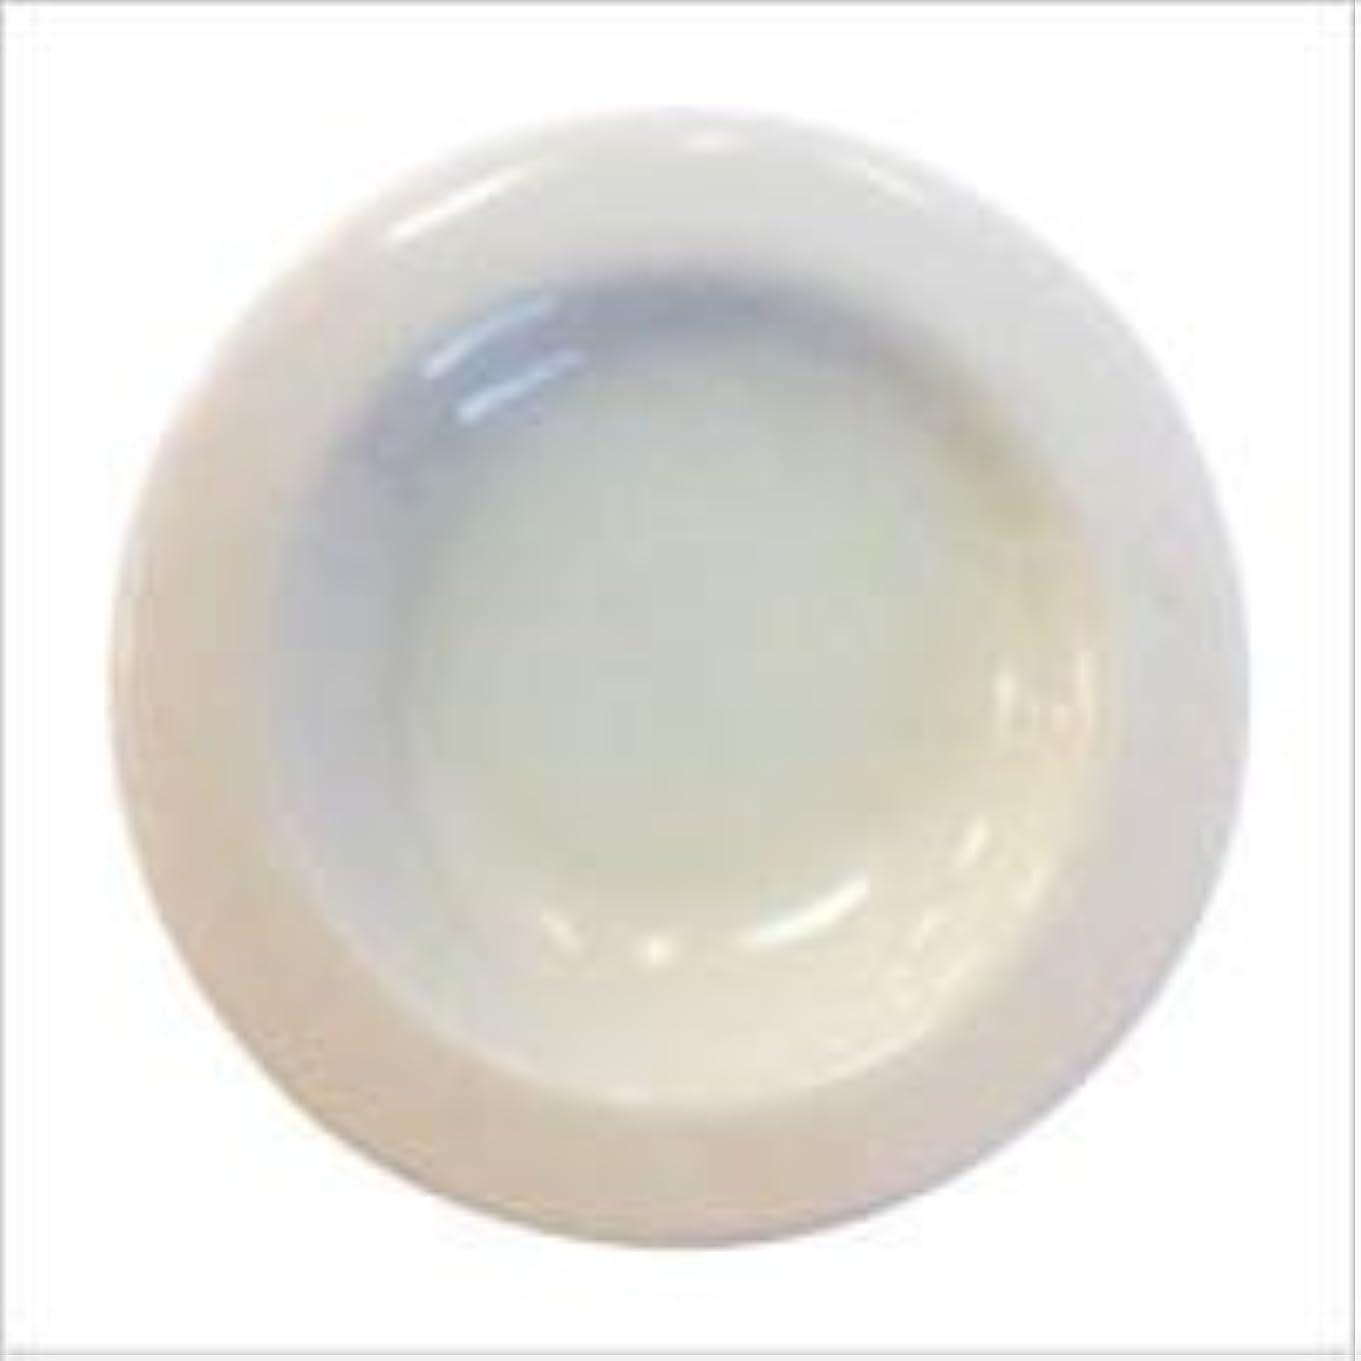 許す酸度販売計画生活の木 ミント用精油皿